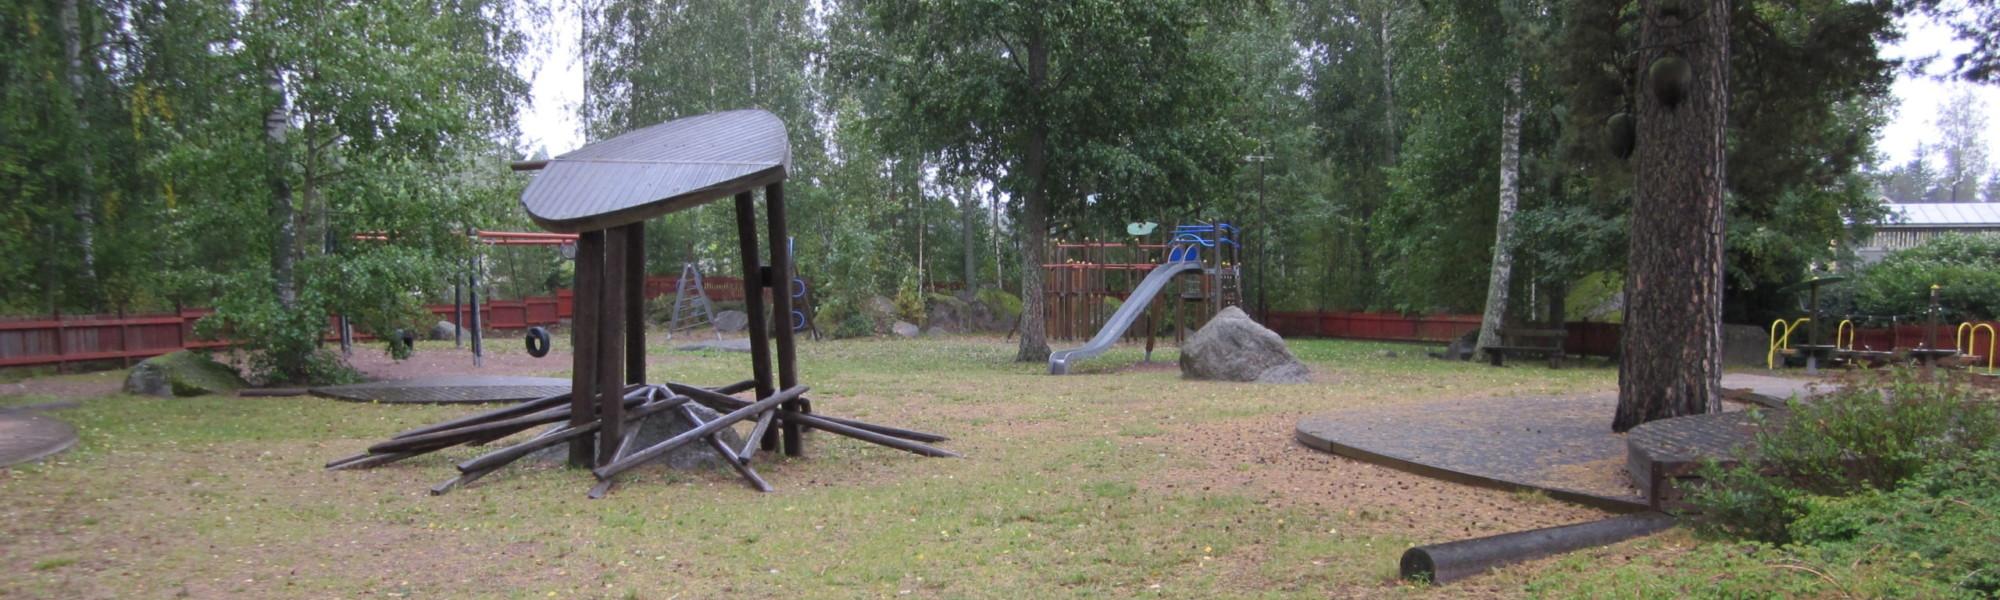 Kuvassa on Hirssaaren leikkikenttä